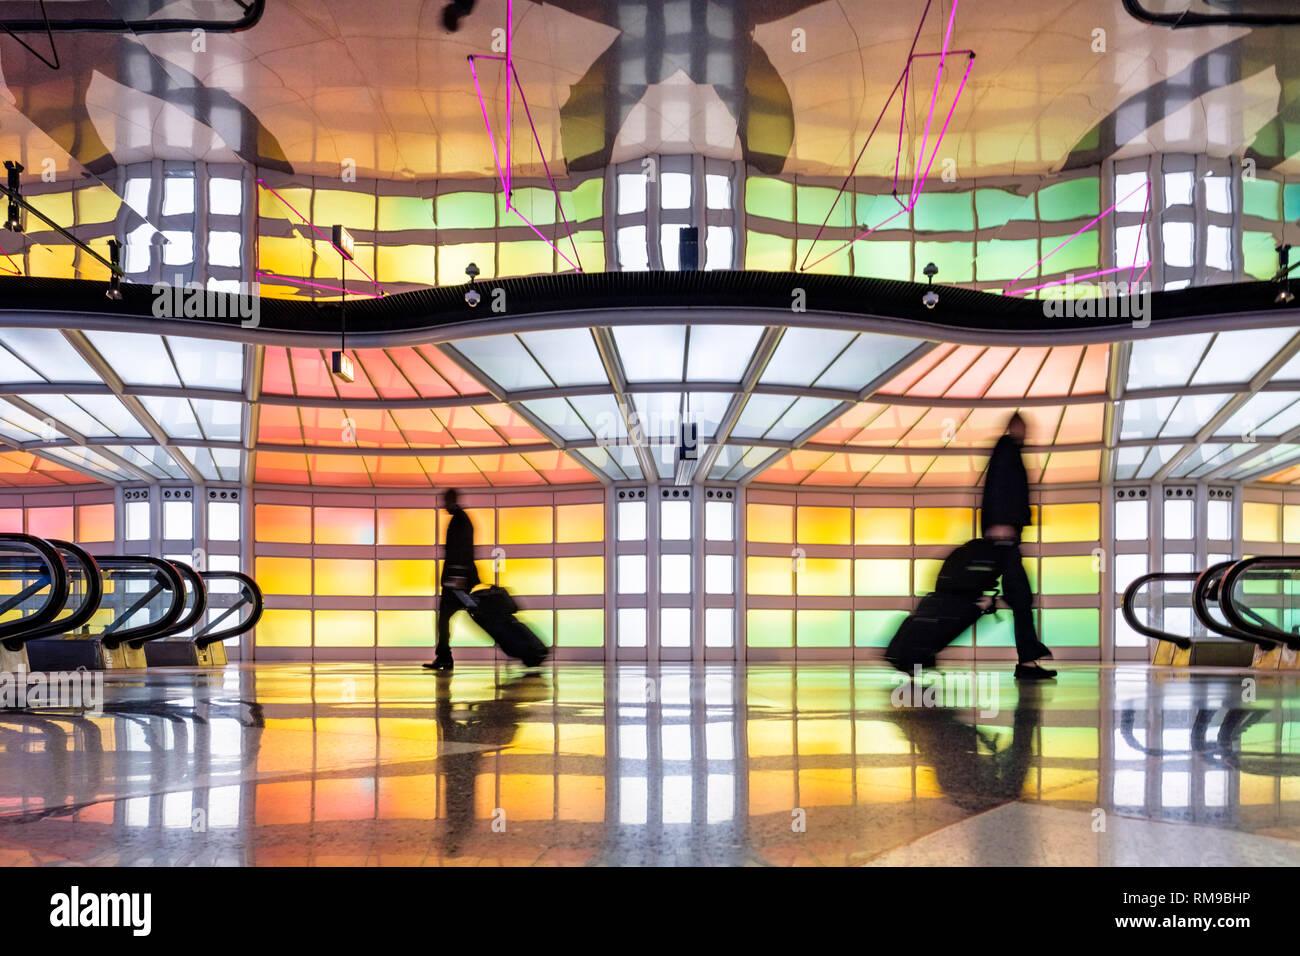 Los pasajeros de negocios, gente caminando, coloridas luces de neón instalación de arte por Michael Hayden, túneles peatonales, Chicago O'Hare Airport Terminal. Foto de stock